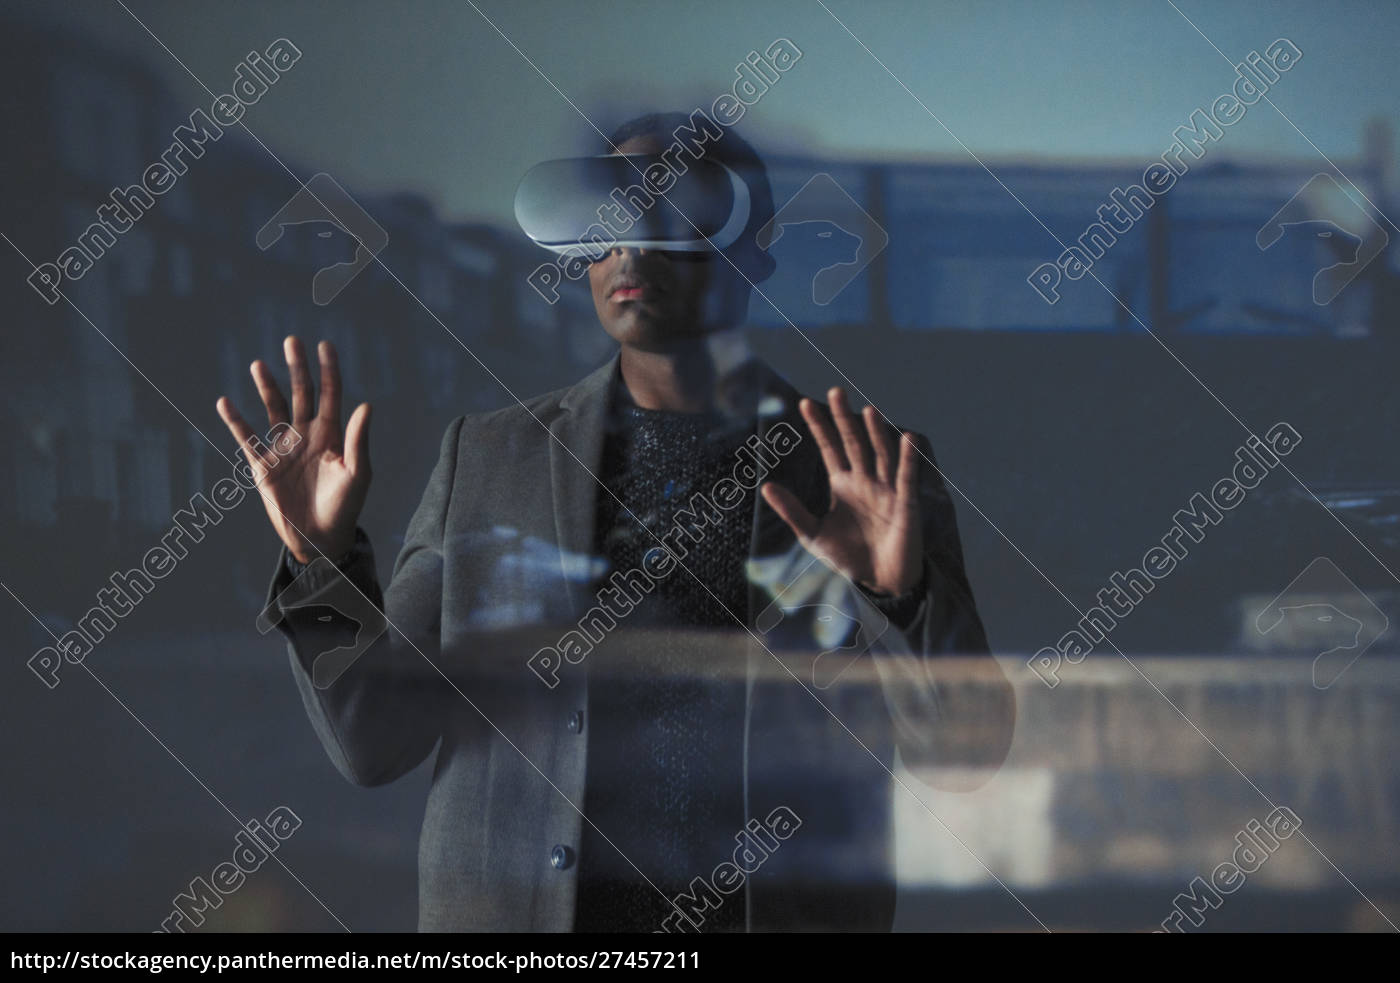 empresário, de, dupla, exposição, usando, óculos - 27457211